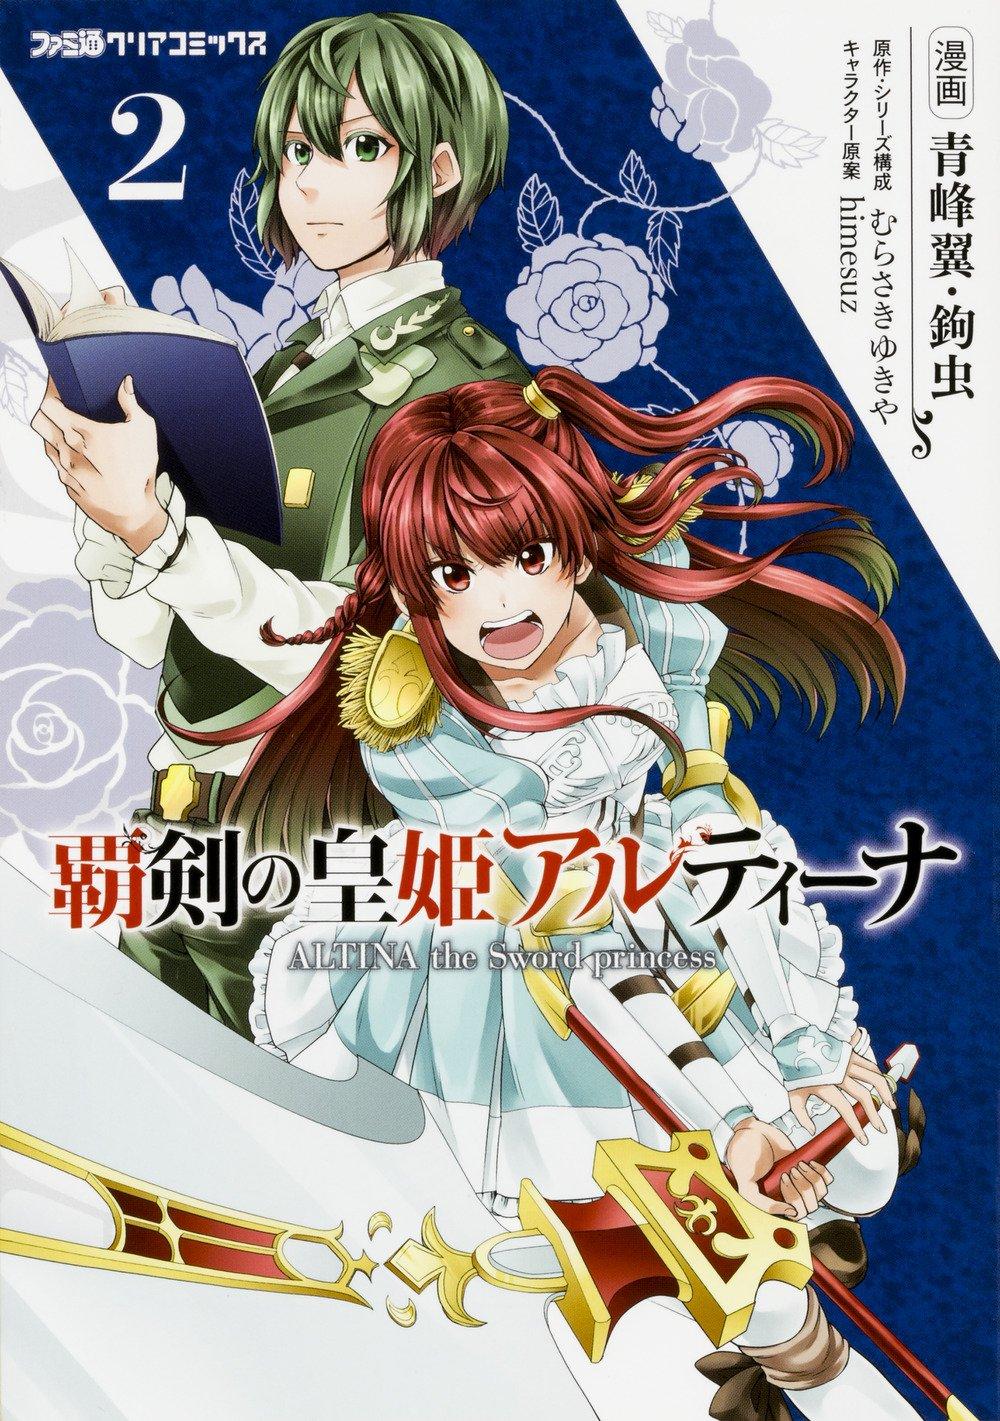 覇剣の皇姫アルティーナ 2巻